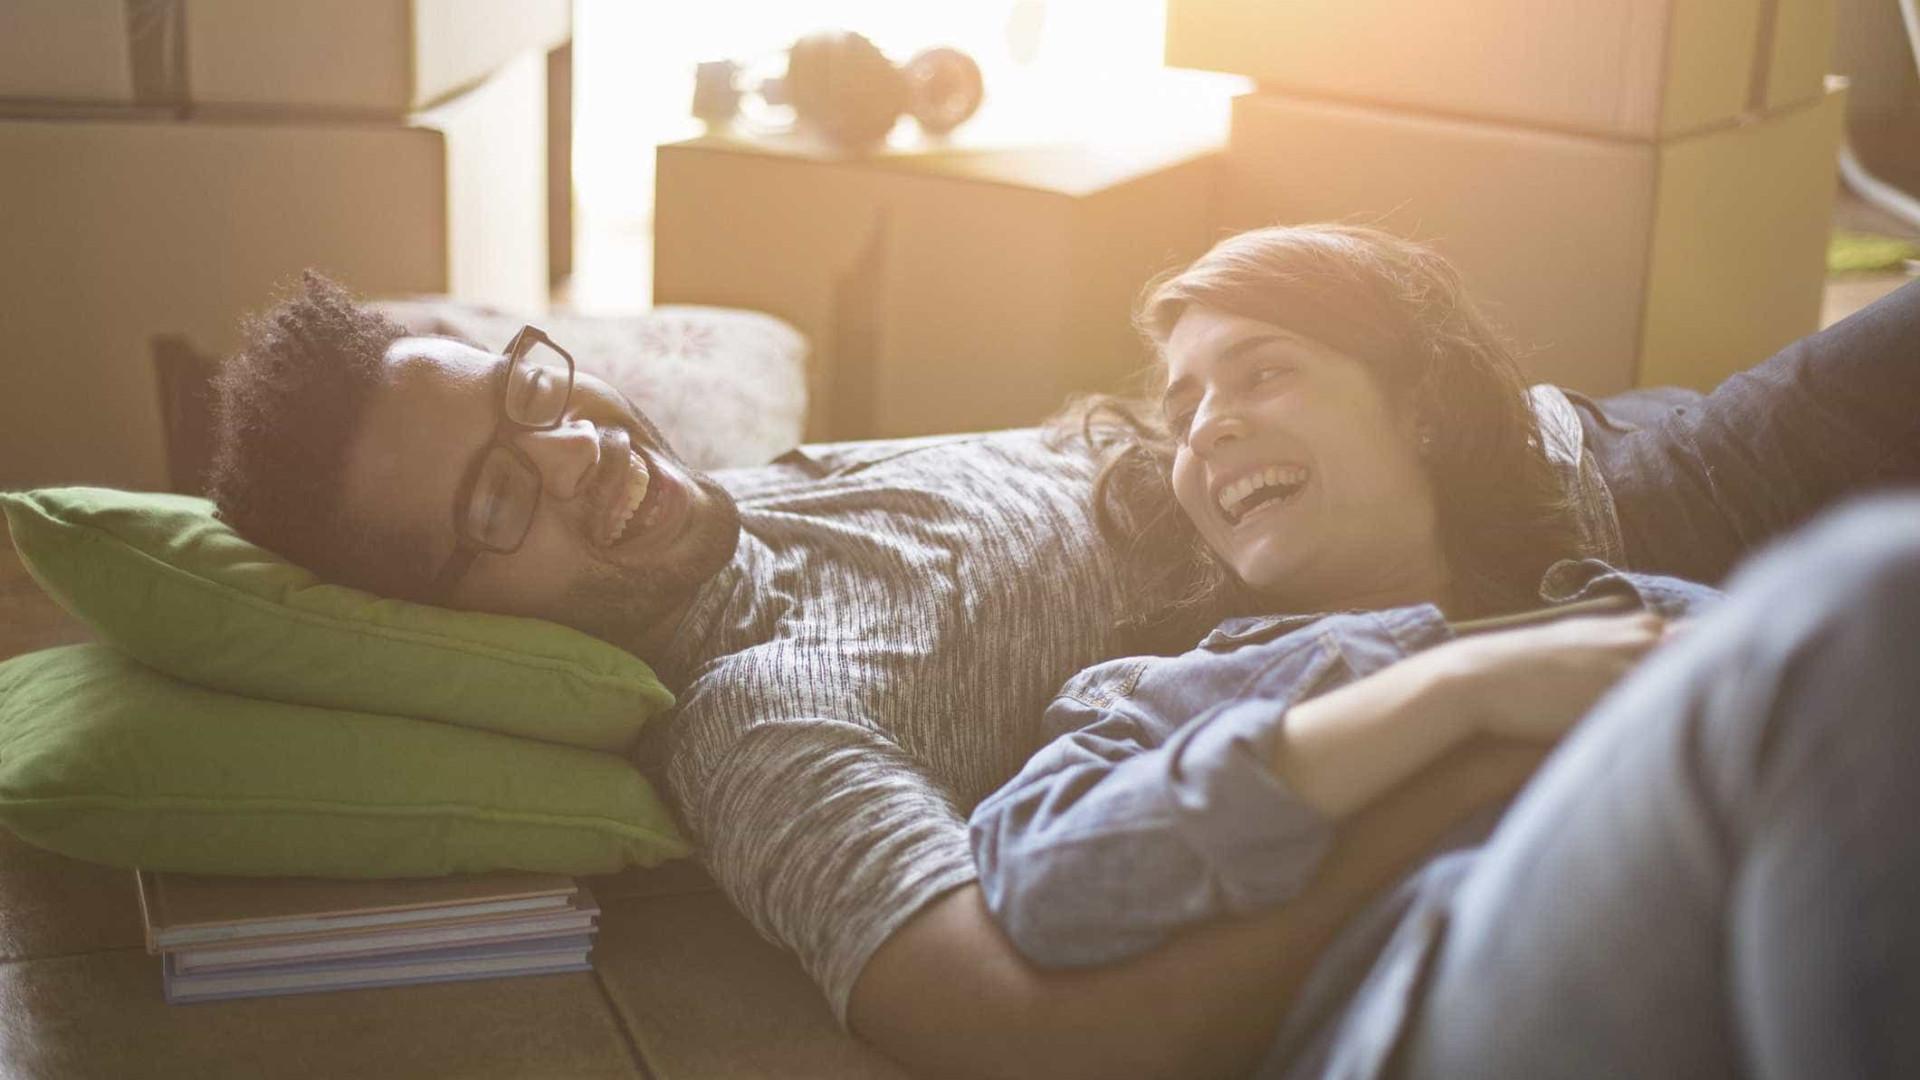 Comprar casa antes dos 30 anos só tem uma desvantagem. Saiba as vantagens